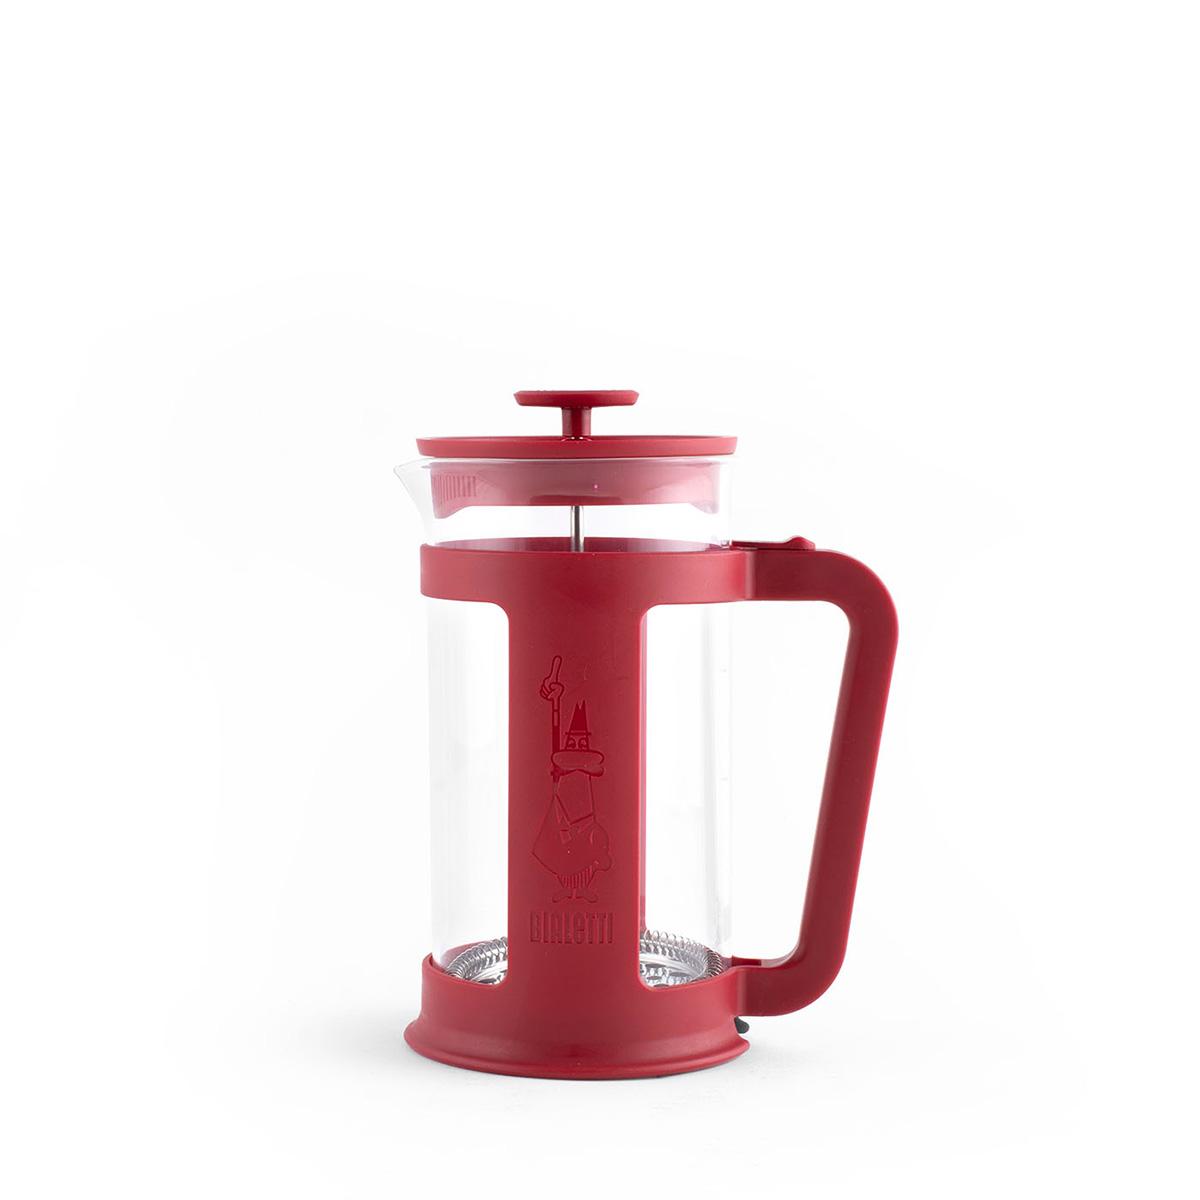 Cafetera Italiana Prensa Francesa Smart Roja 350ml Bialetti